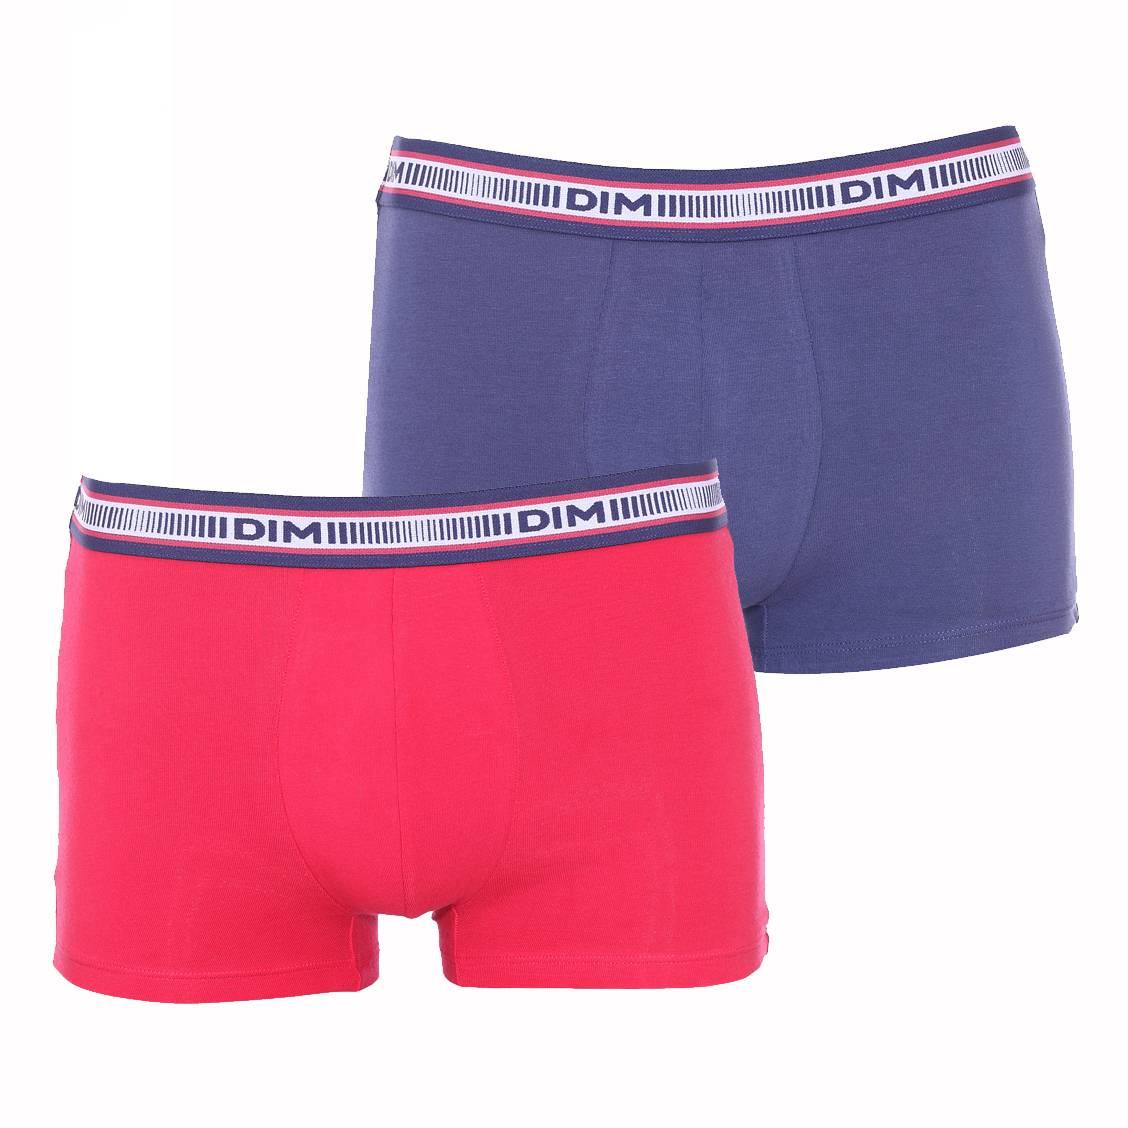 Lot de 2 boxers Dim 3D Flex en coton stretch bleu nuit et ...